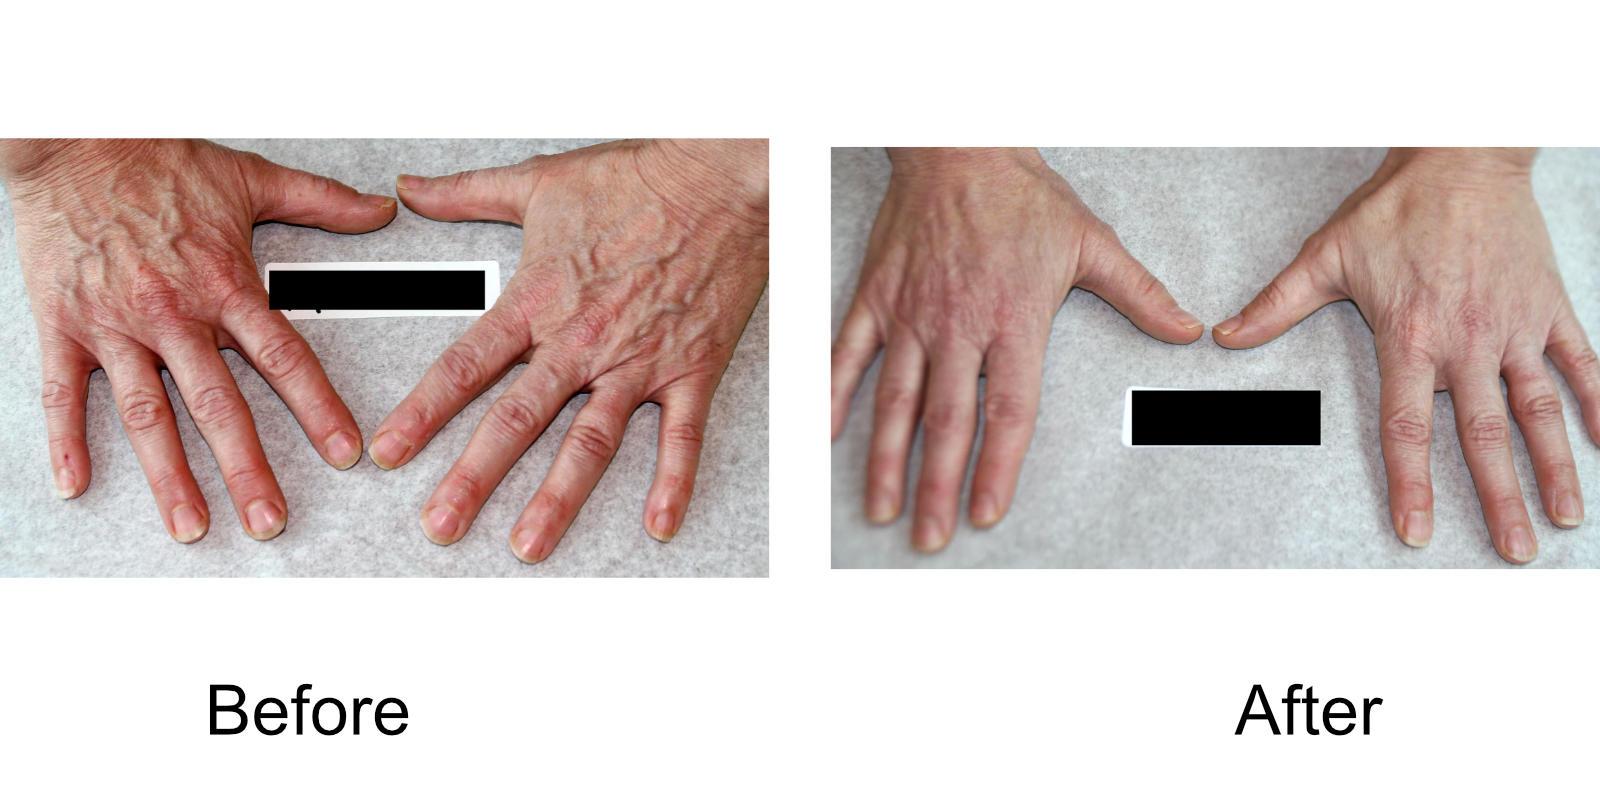 hand-veins-comparison-06